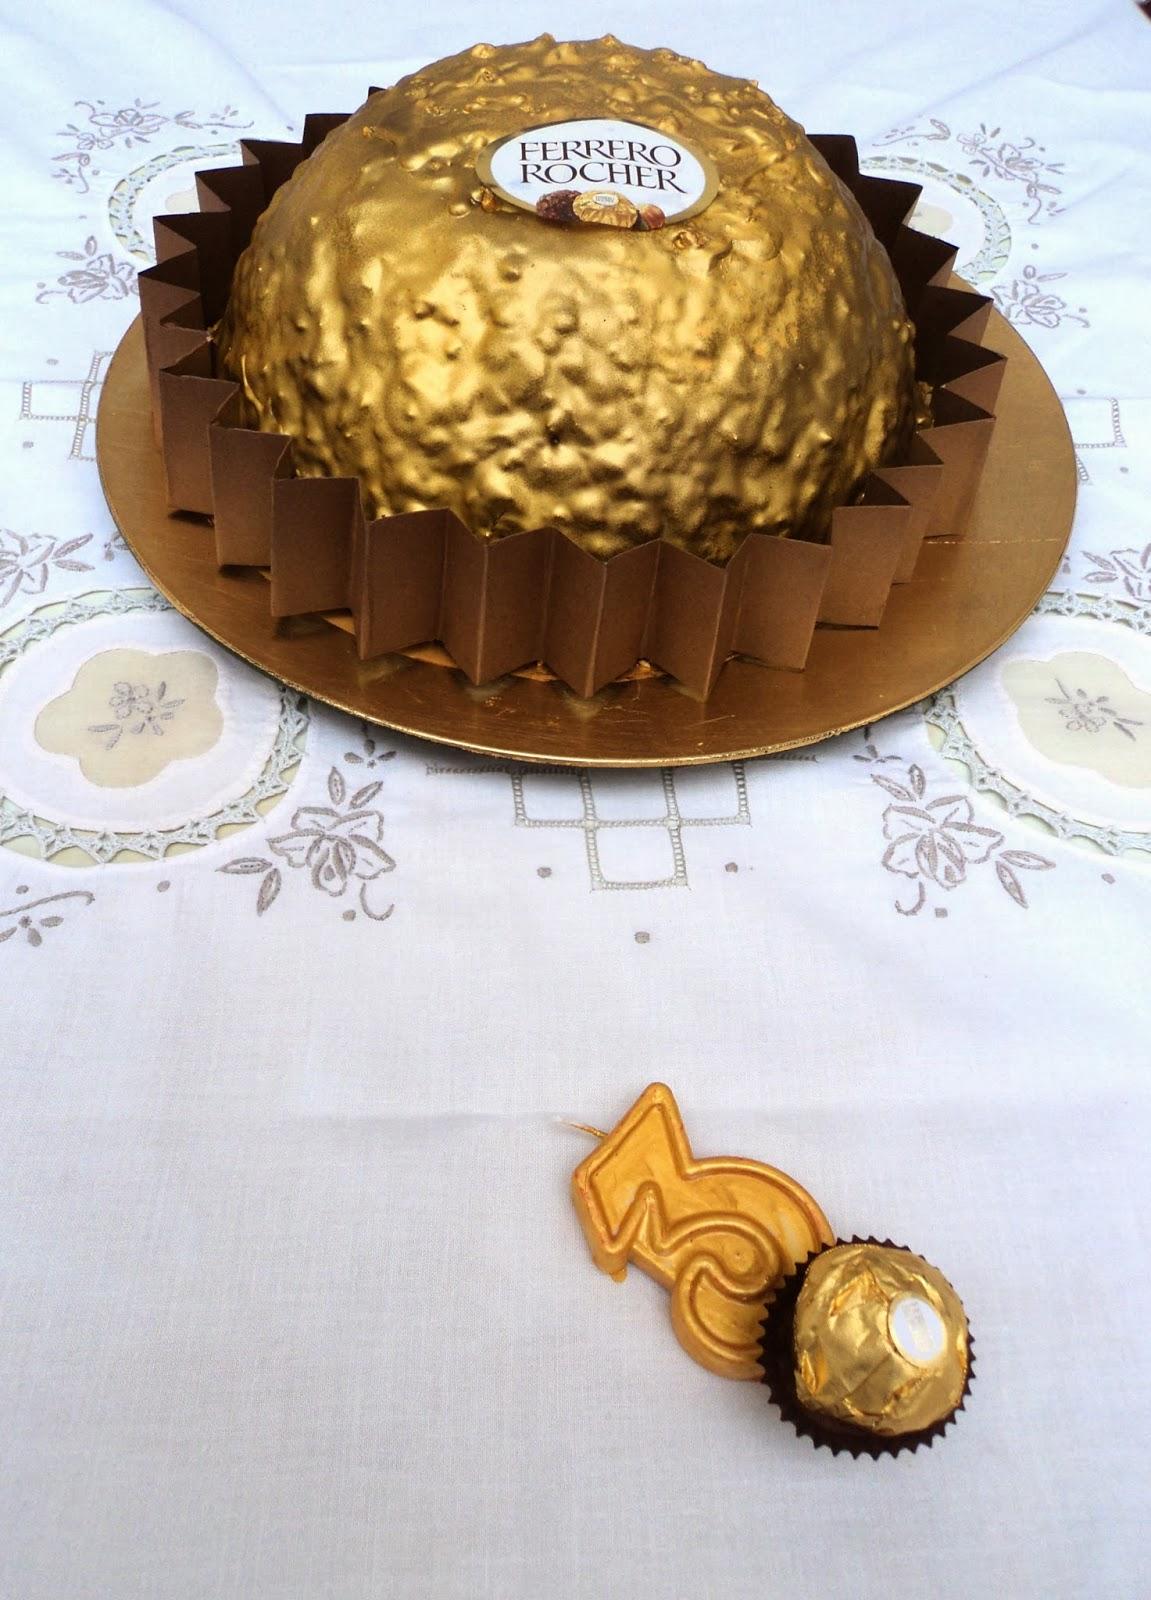 Tarta de cumpleaños ferrero rocher